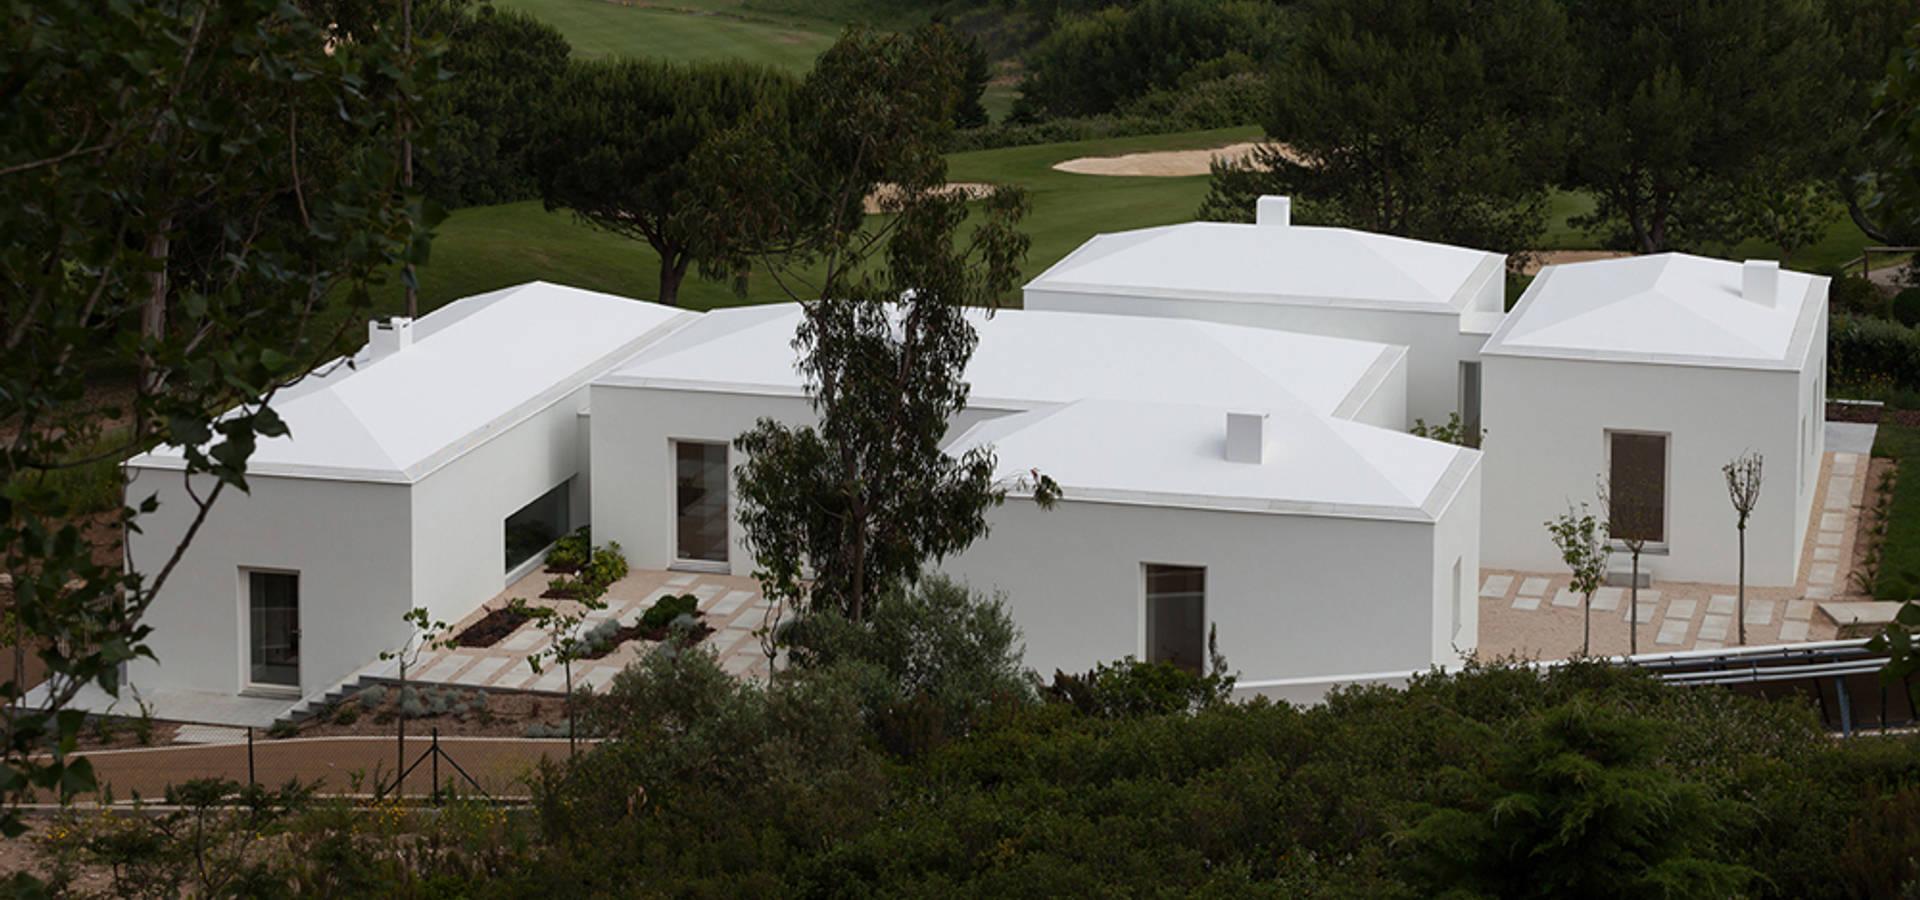 Construir Habitar Pensar Arquitectos